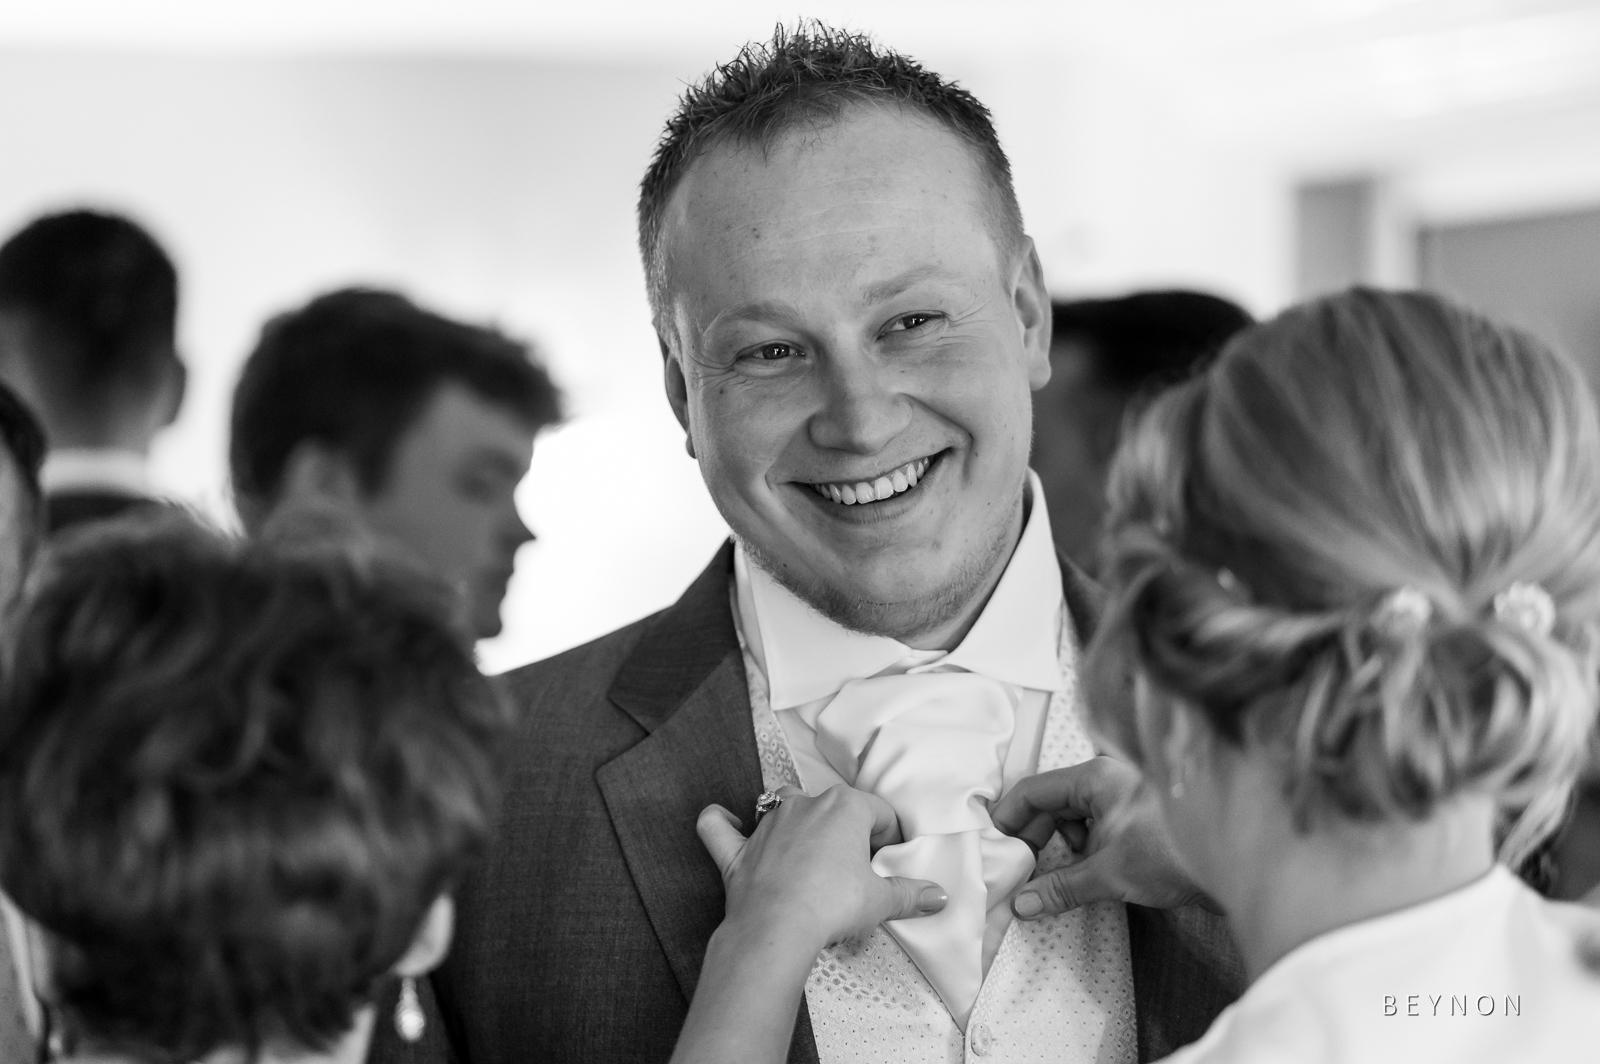 The groom has his cravat tied